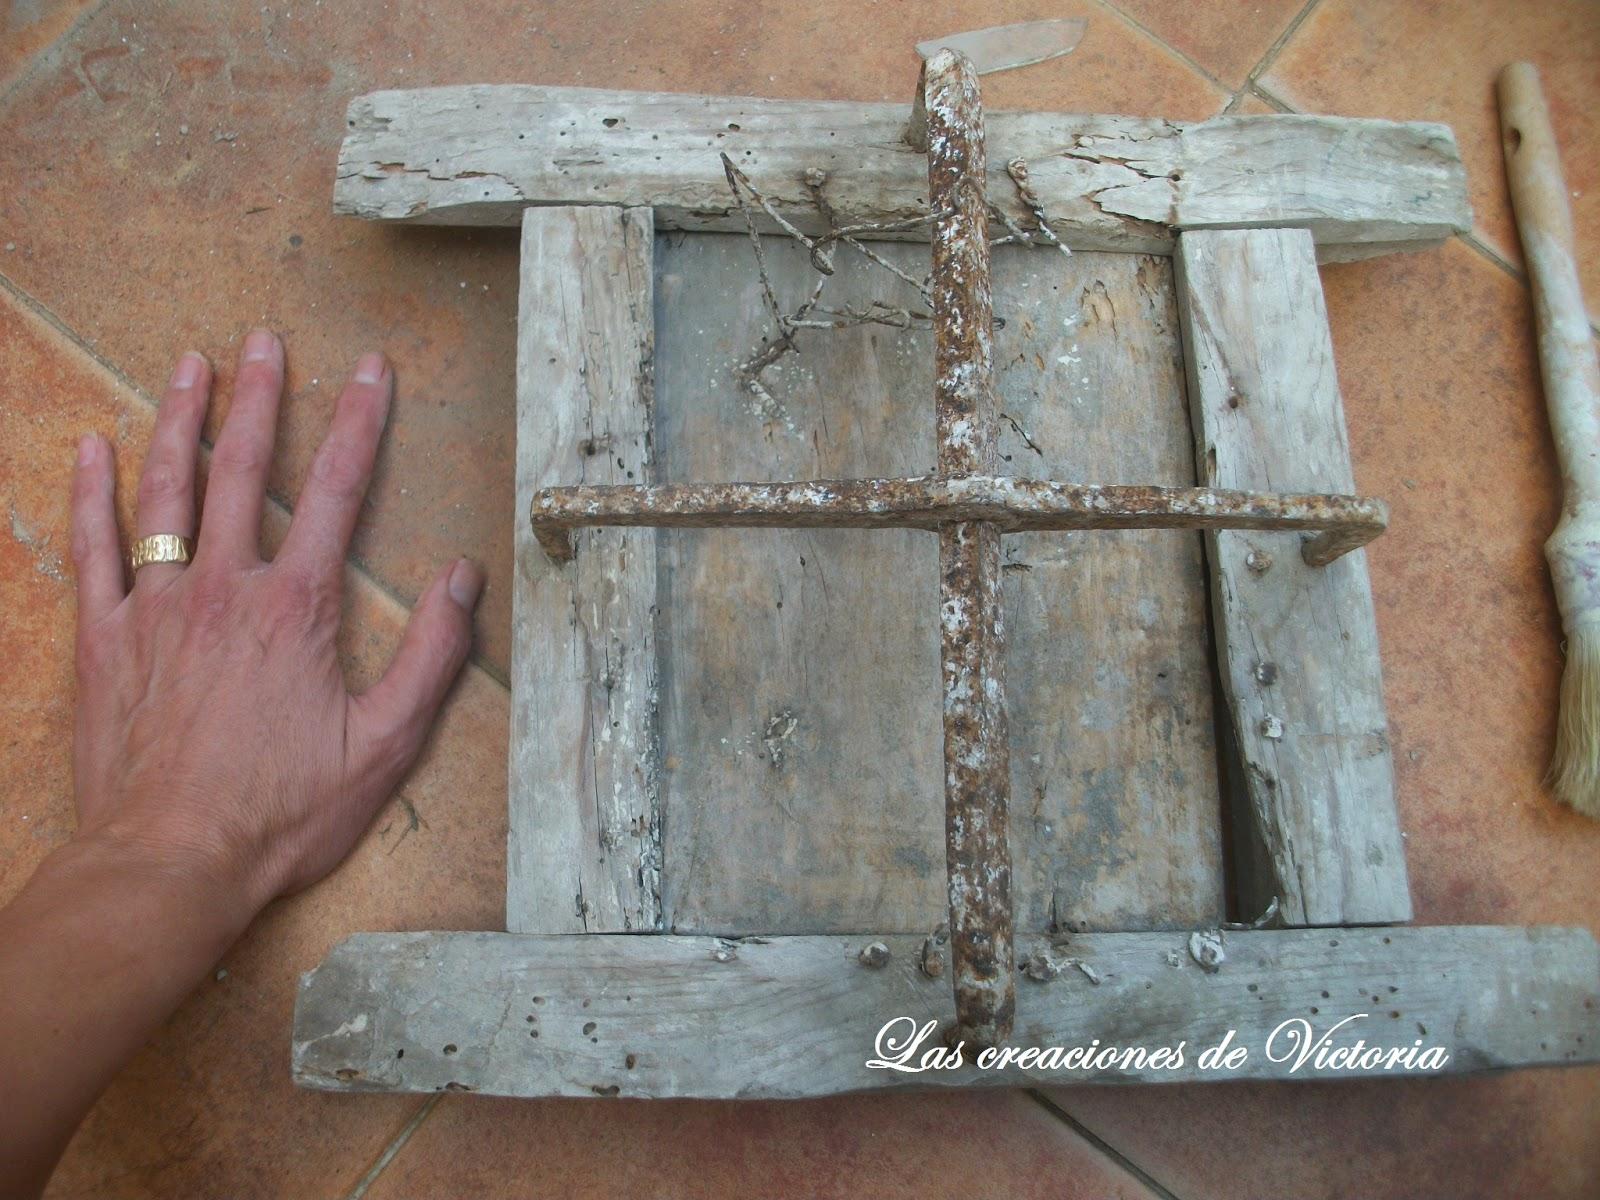 Las creaciones de Victoria.Ventana de madera.Restauración.